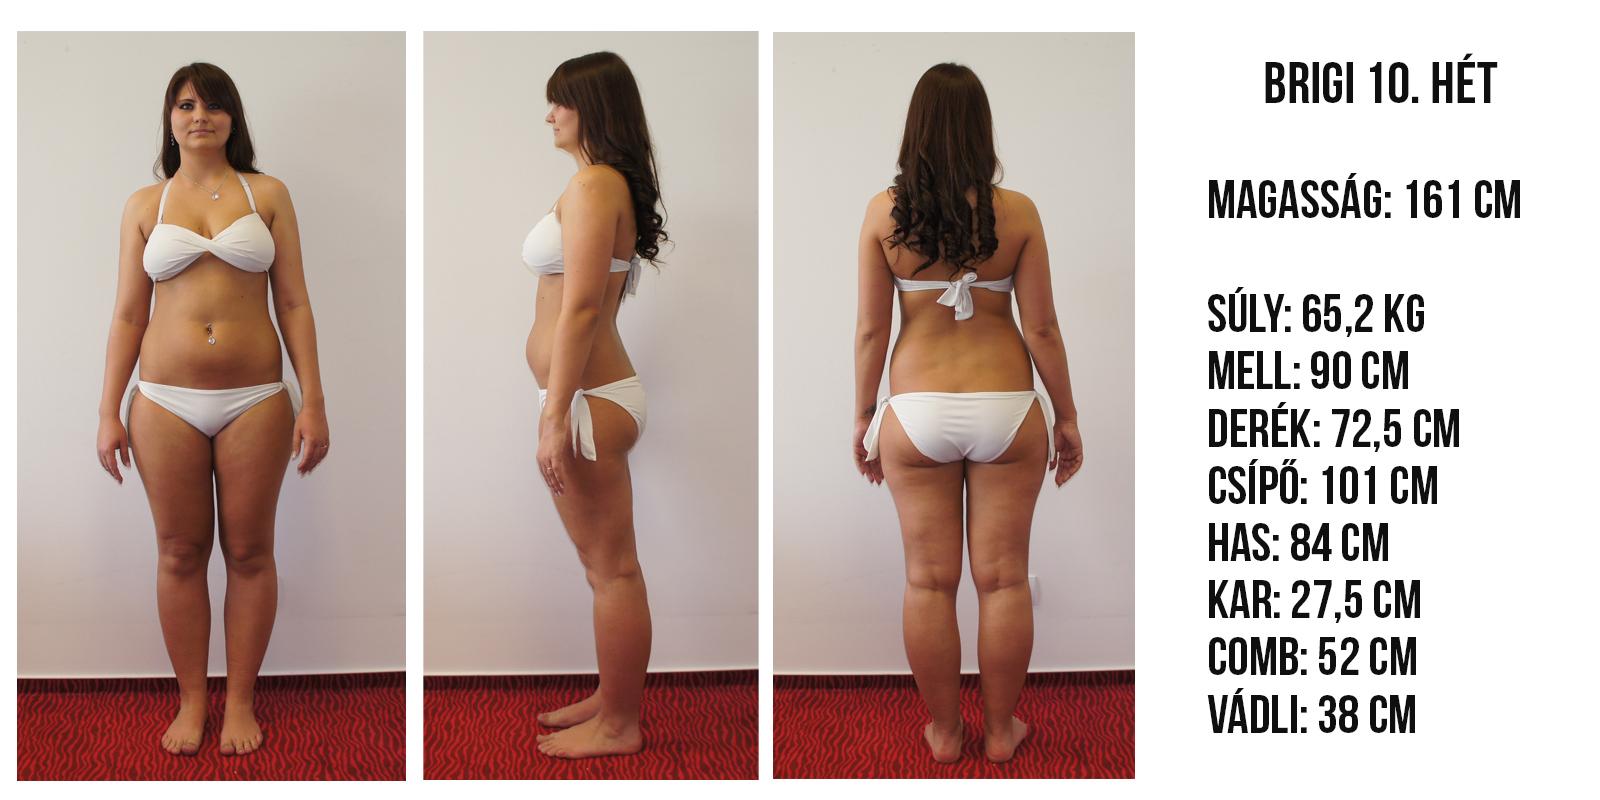 hogyan lehet elveszíteni 2 testzsírt? fogyás 10 kiló 2 hét alatt